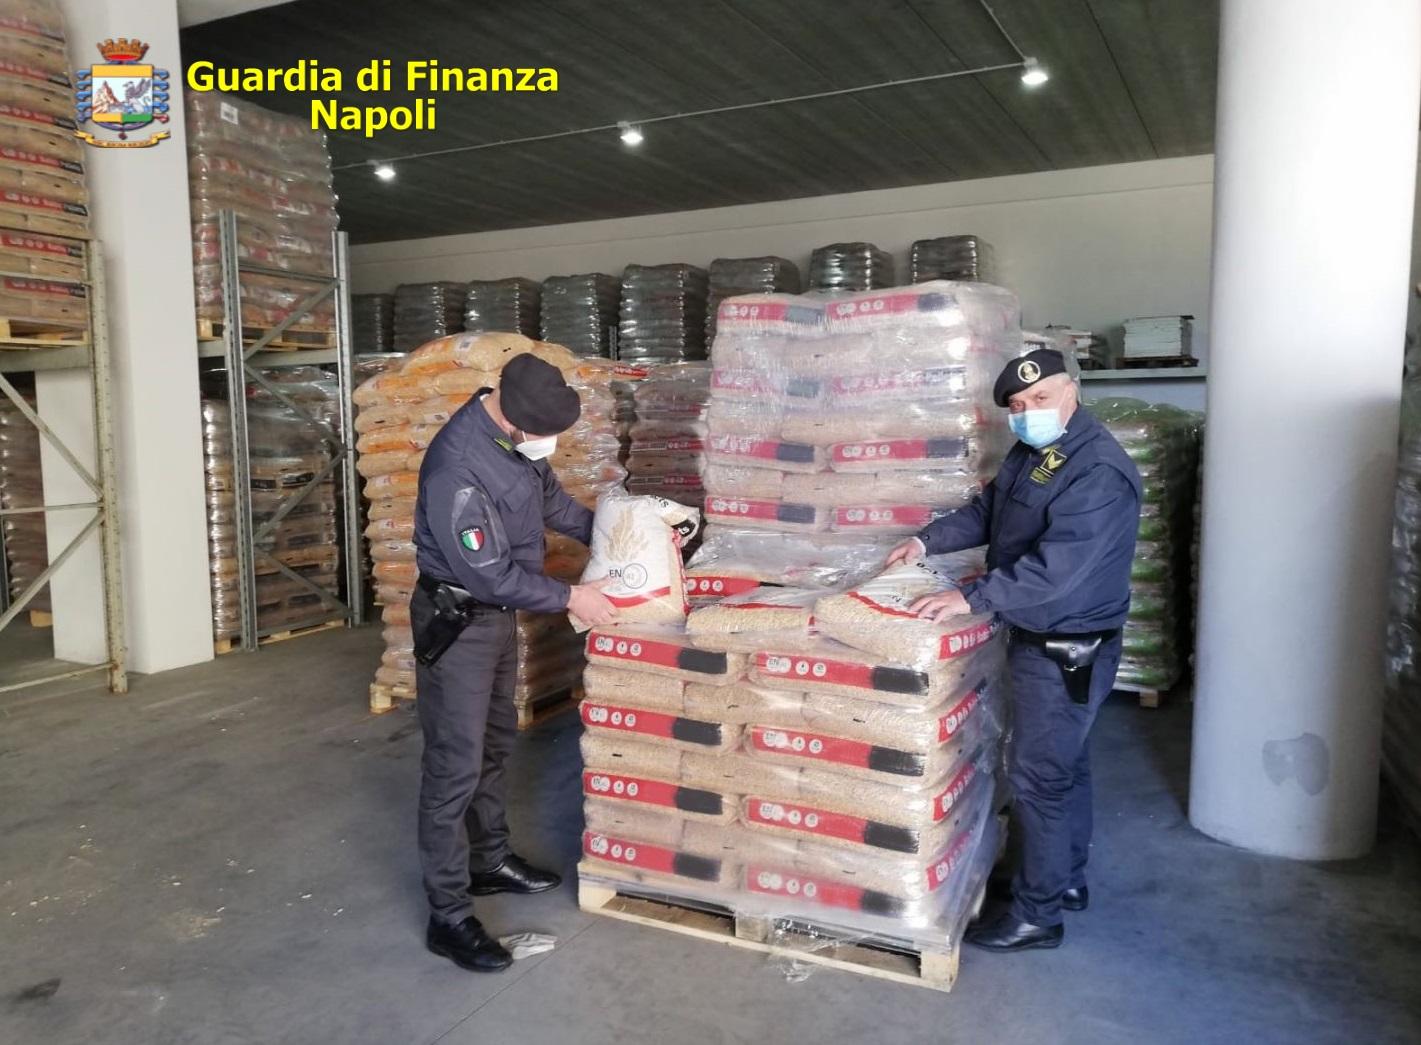 Napoli, autolavaggio abusivo: Guardia di finanza sequestra 220 tonnellate di pellet